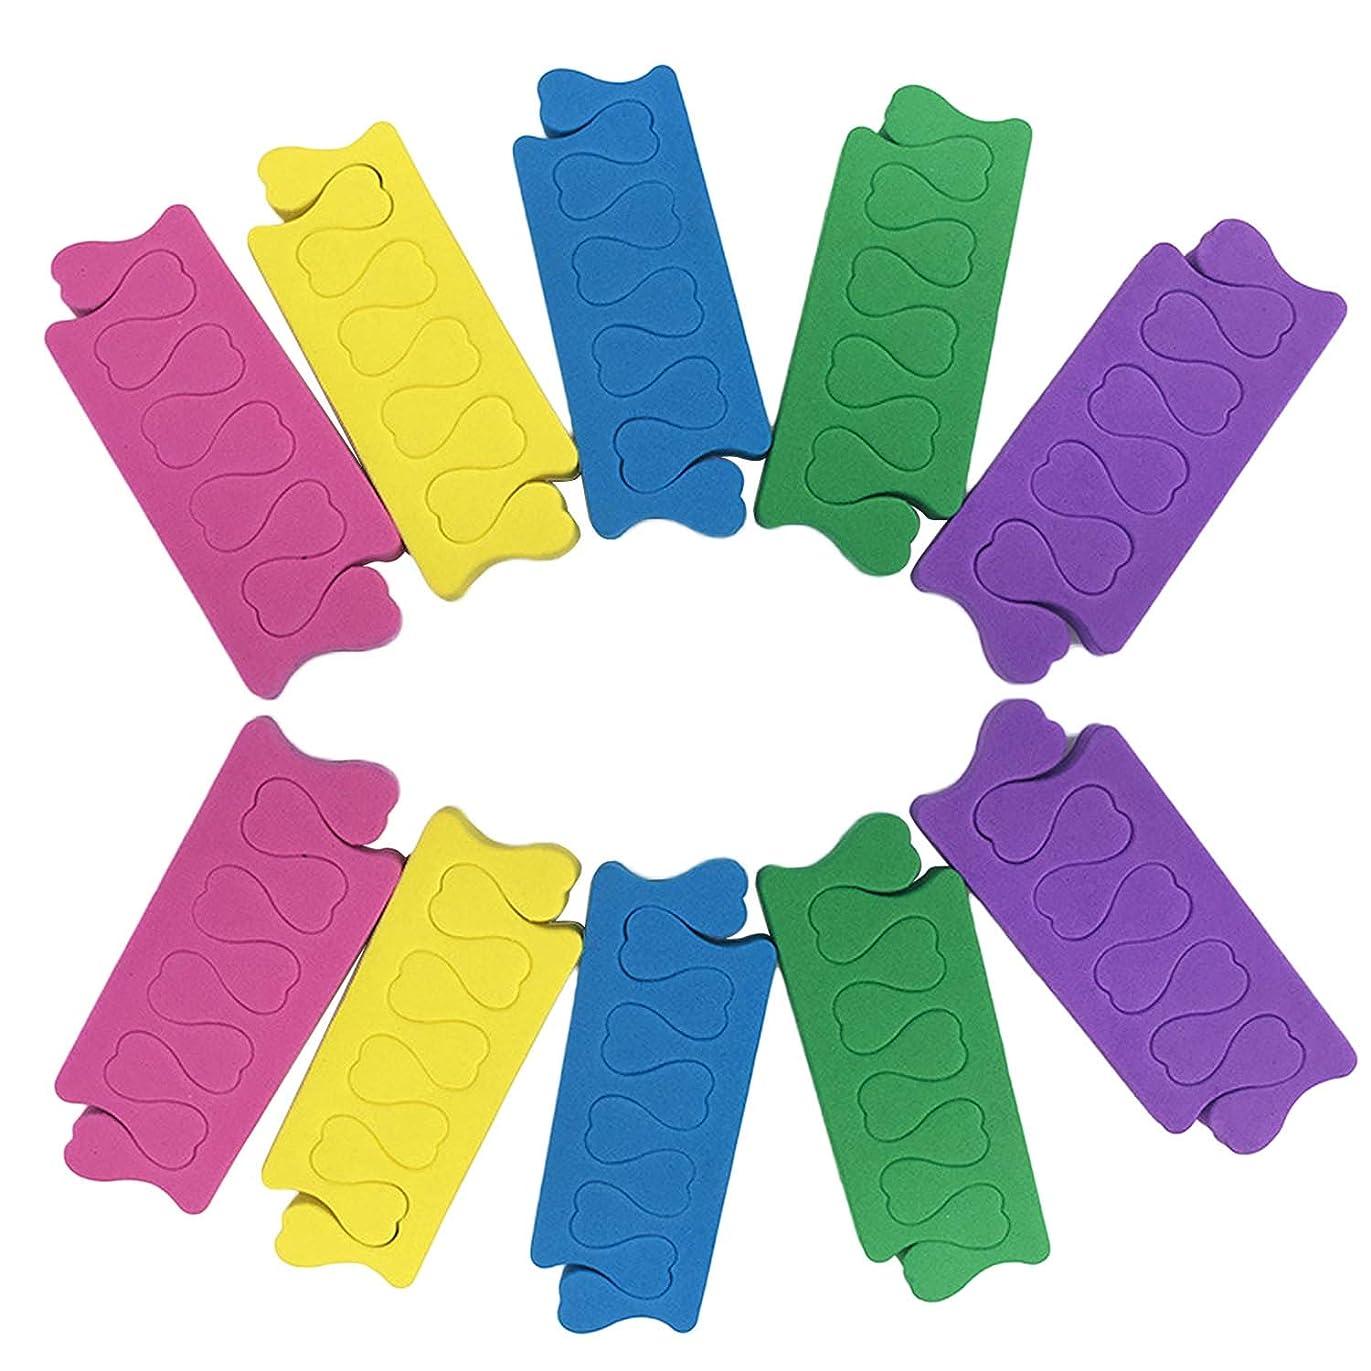 シャックル画面乞食トゥセパレーター Migavann フィンガーセパレーター 50組の色の組み合わせソフトフォームスポンジフィンガーセパレーターデバイダーネイルアートマニキュアペディキュアツール